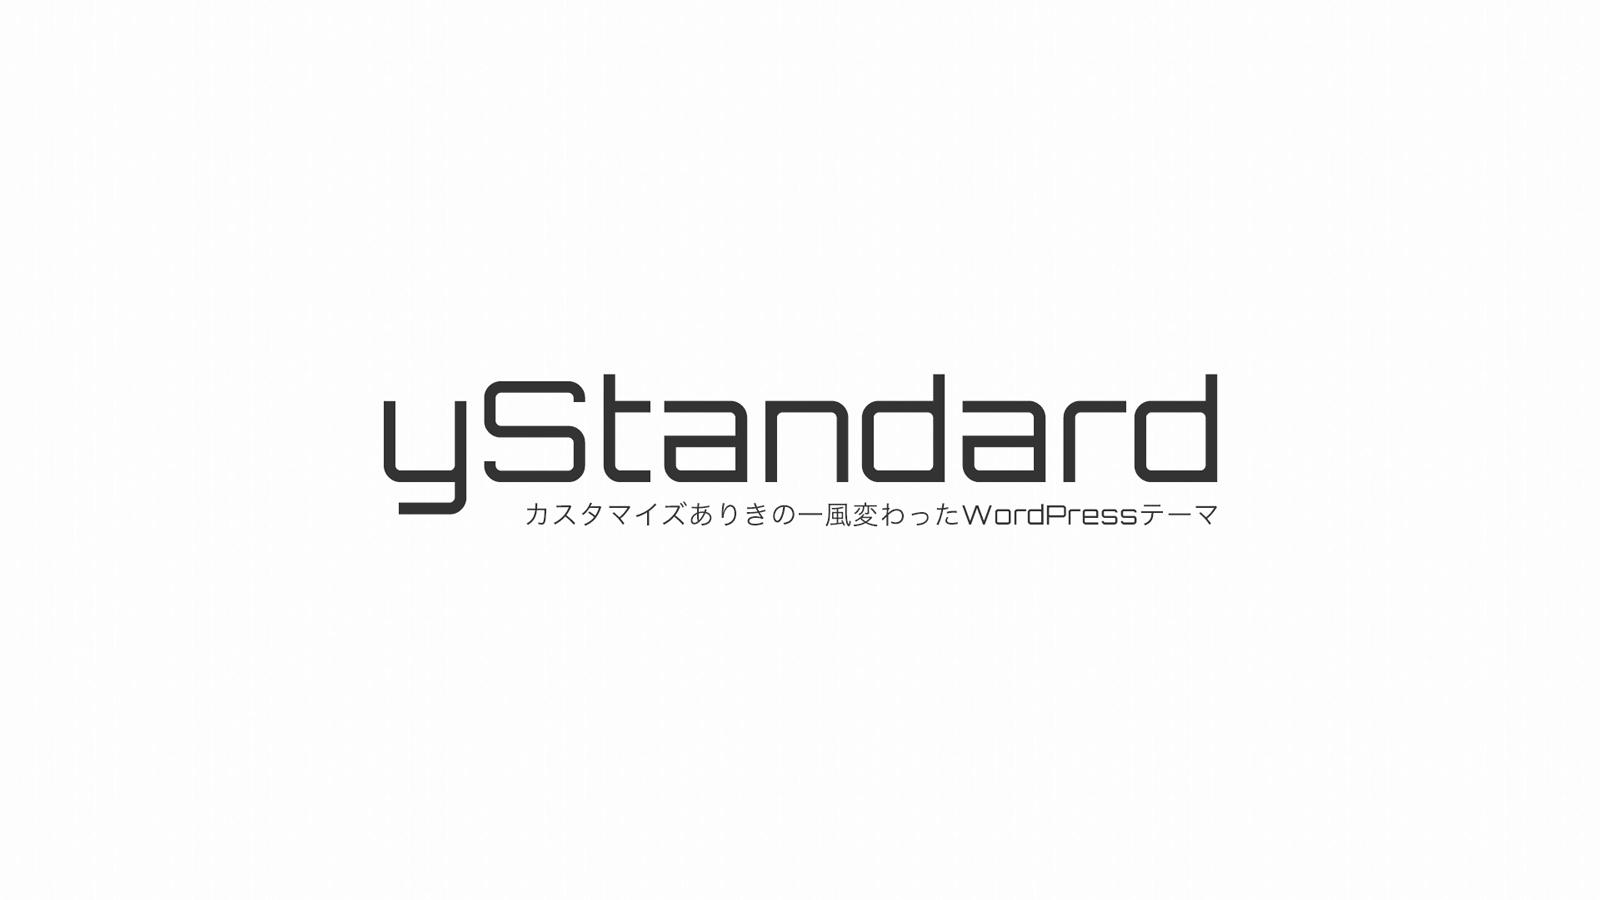 【yStandard v4.7.0】著者情報表示ウィジェットに非表示設定との連動オプションを追加